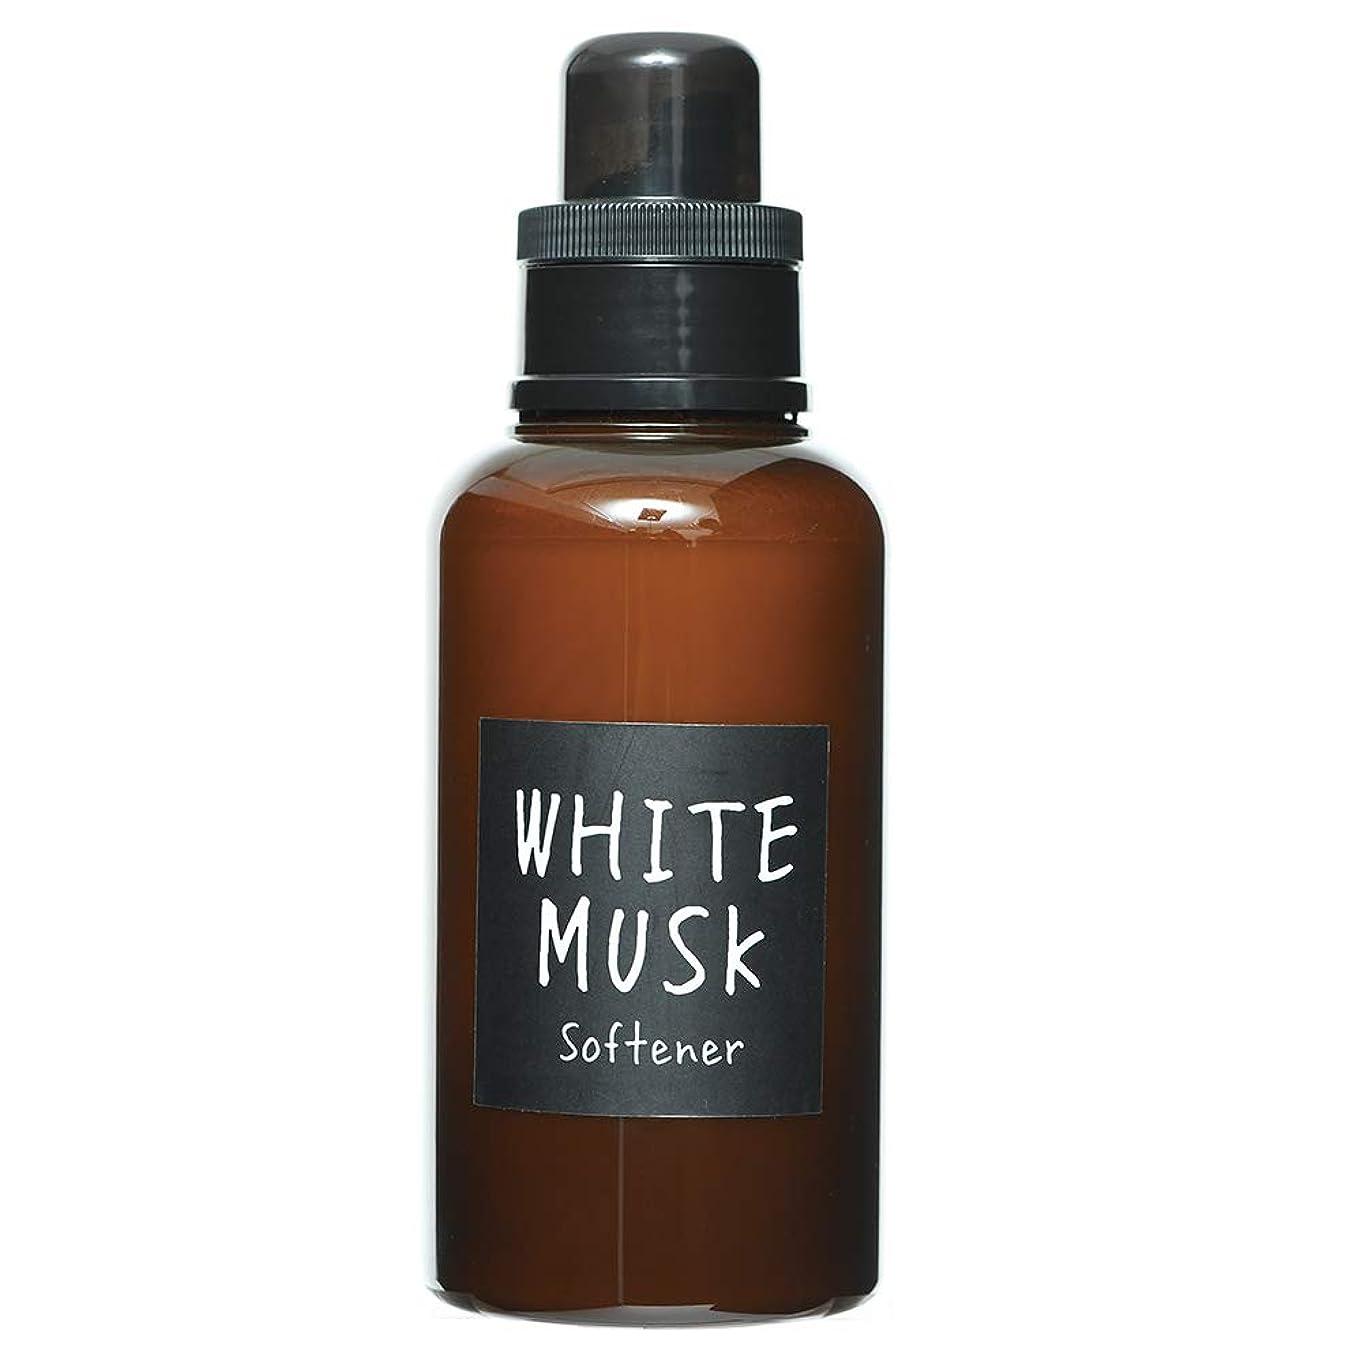 クリーム揮発性ジャグリングジョンズブレンド 柔軟剤 ソフナー 510ml ホワイトムスクの香り OA-JON-15-1